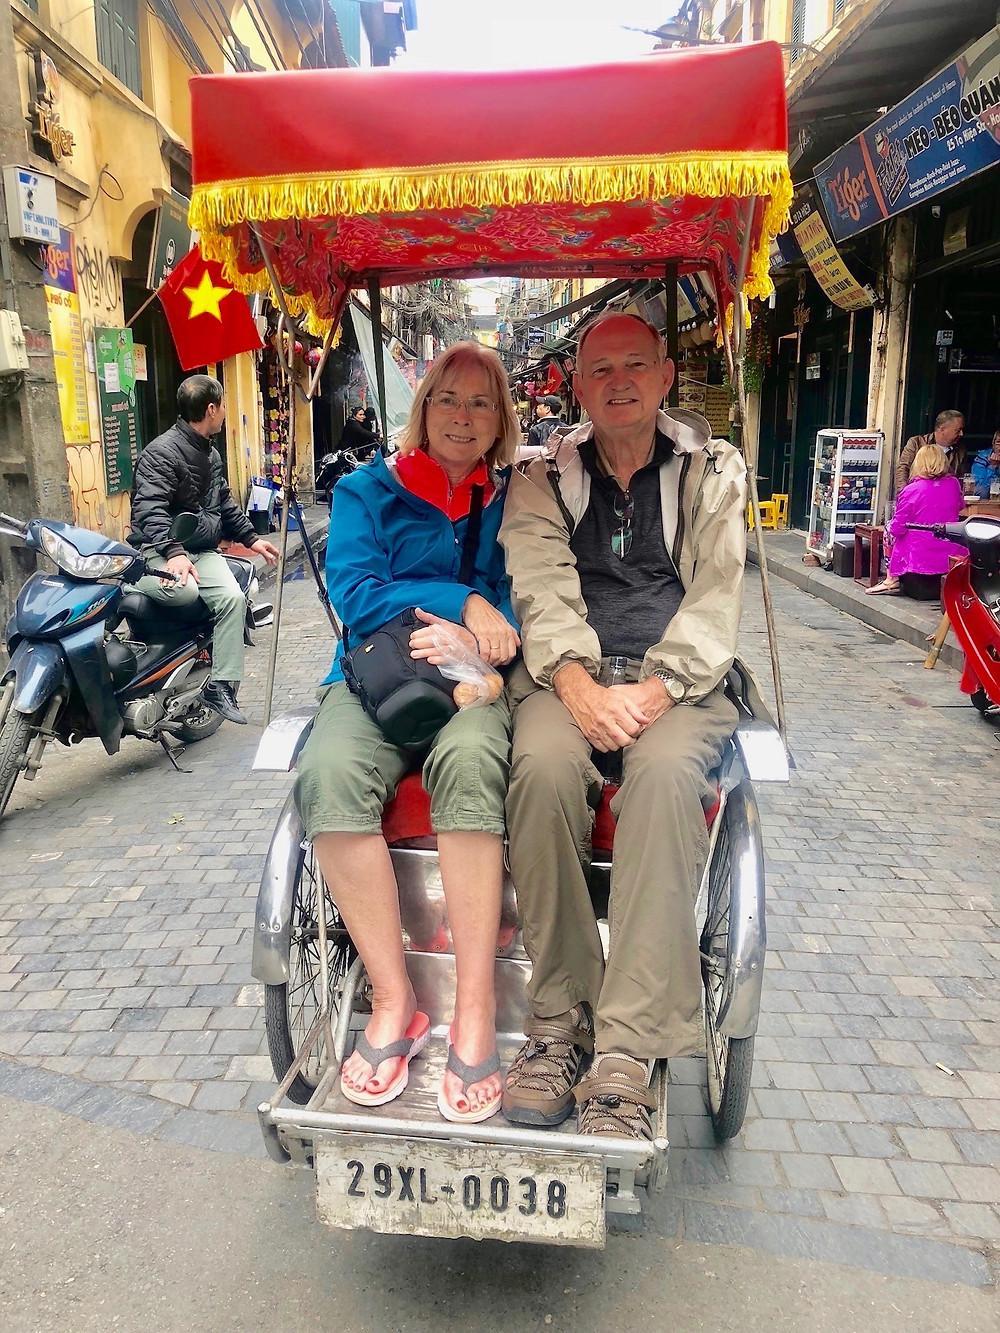 Pedi-cab in street of Hanoi, Vietnam